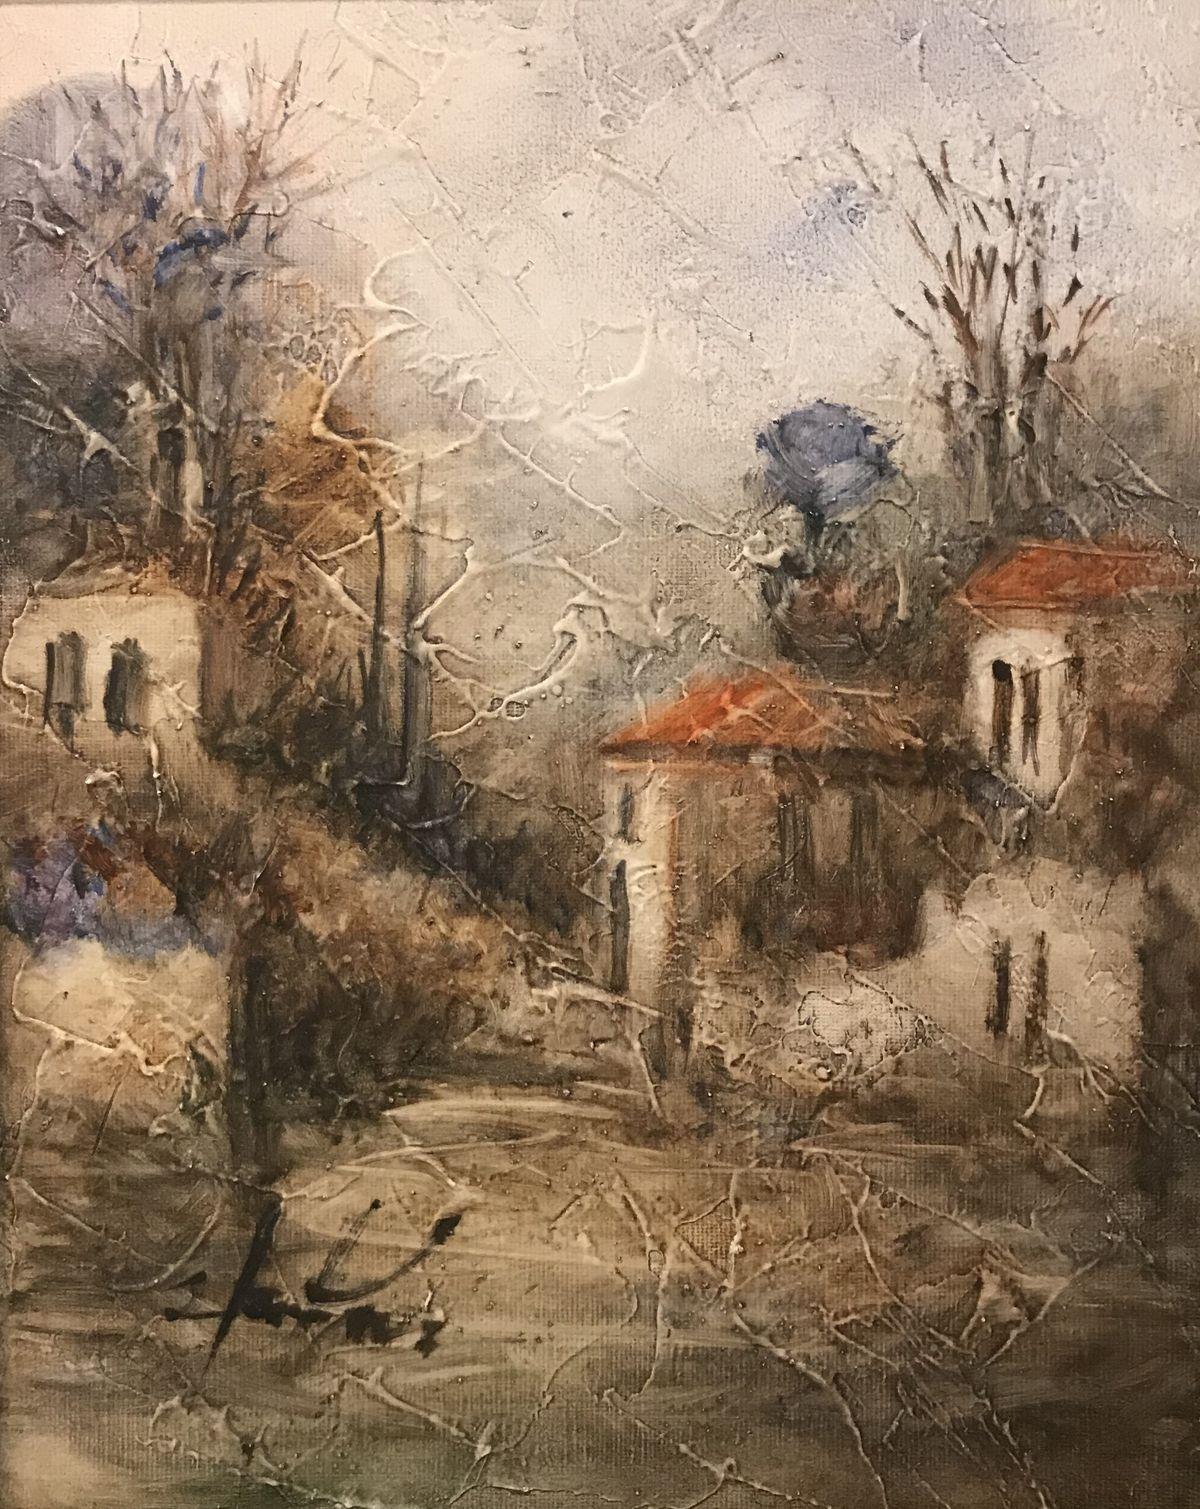 Σταματίνα Μαρνέζου 24×30 Ακρυλικά σε καμβά Stamatina Marnezou 24×30 Acrylics on canvas